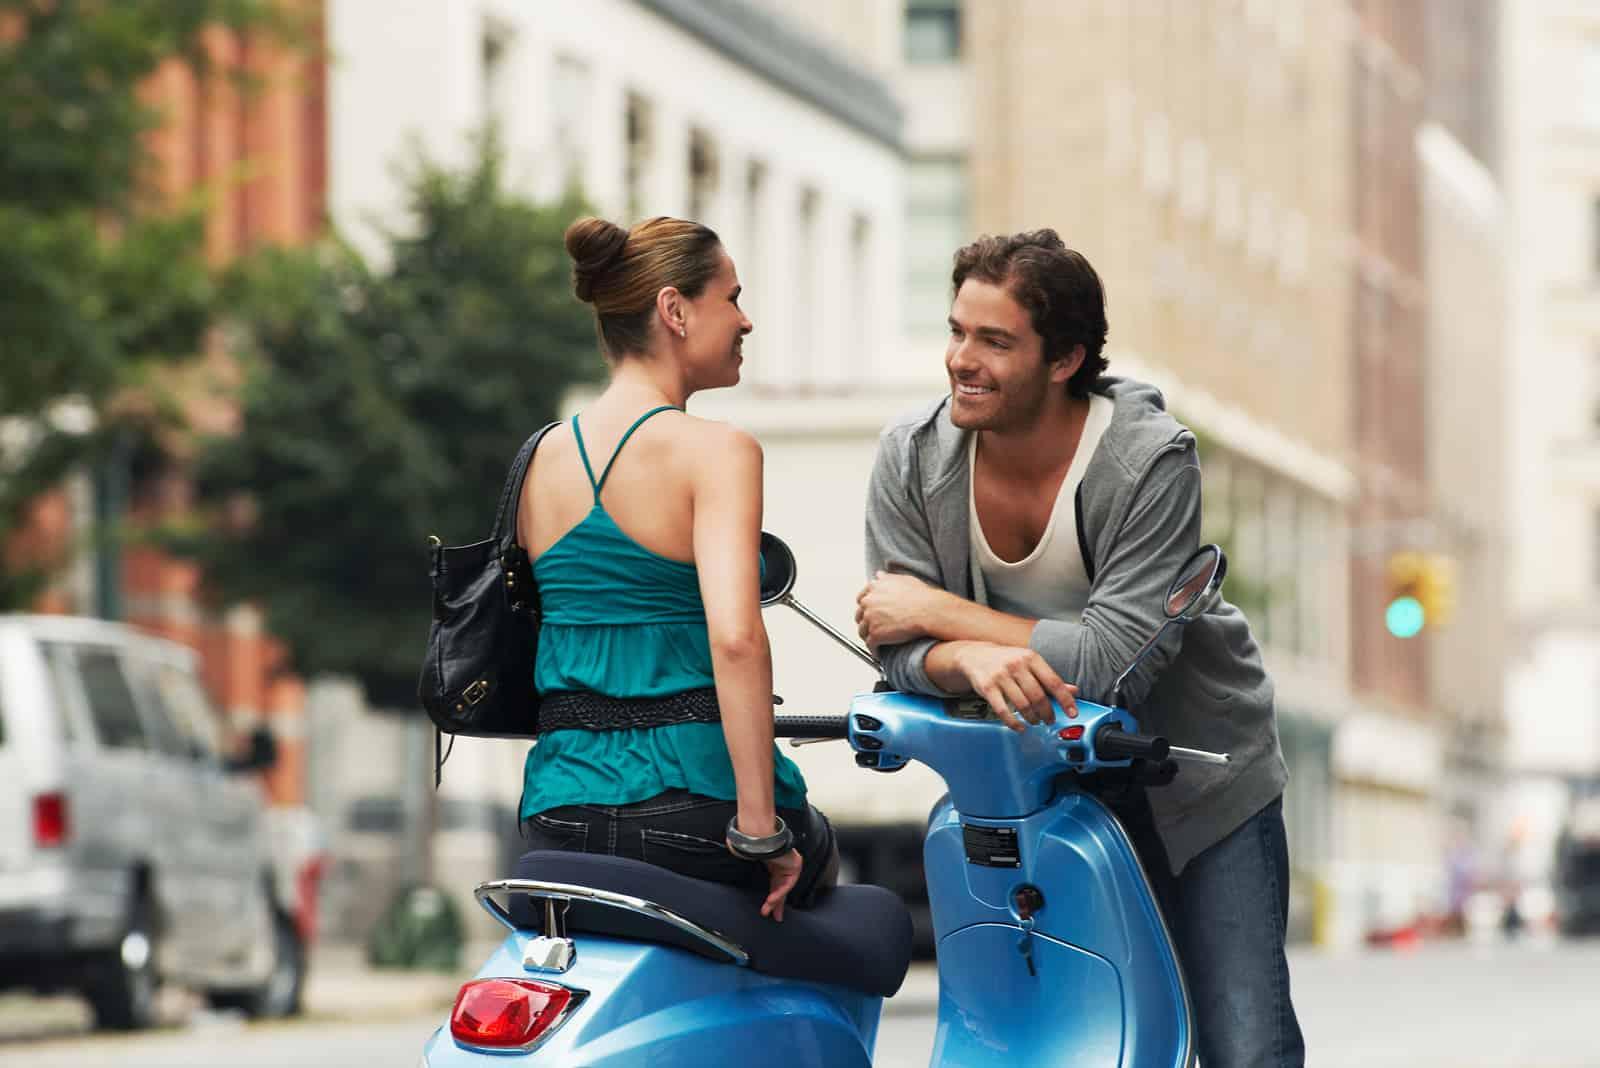 Frau auf Moped im Gespräch mit Mann auf der Straße